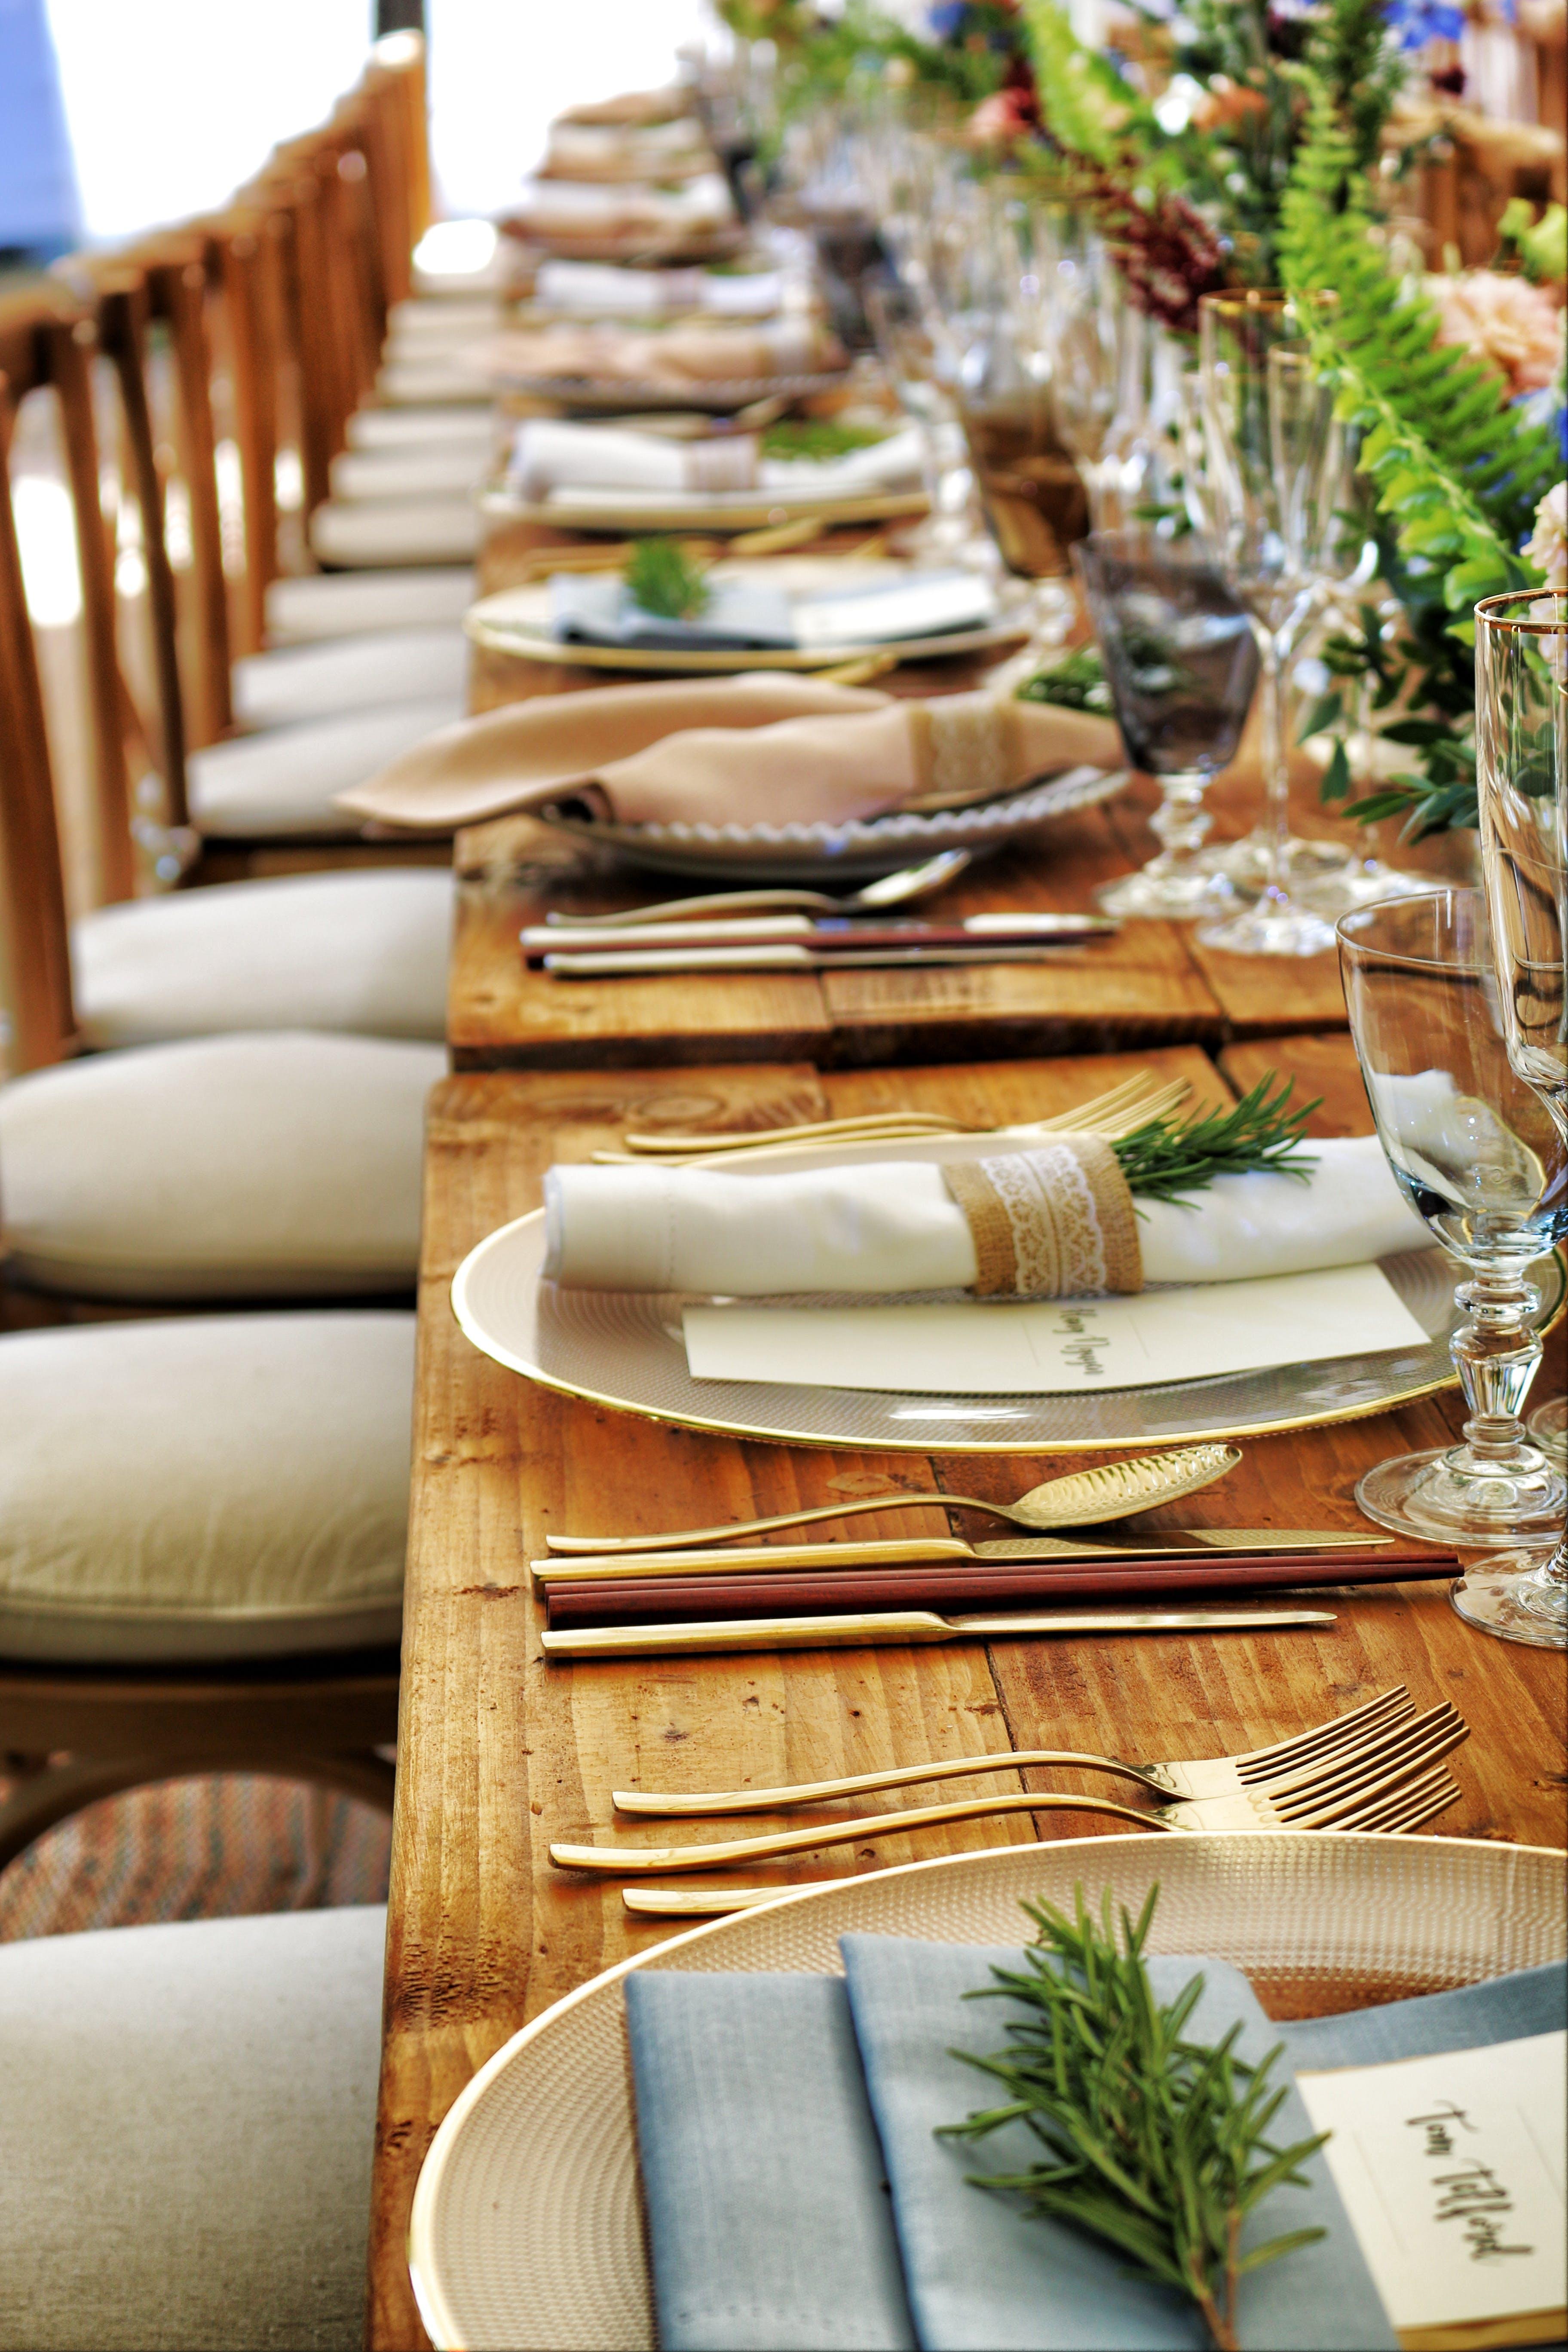 갈라지다, 결혼식, 냅킨, 레스토랑의 무료 스톡 사진